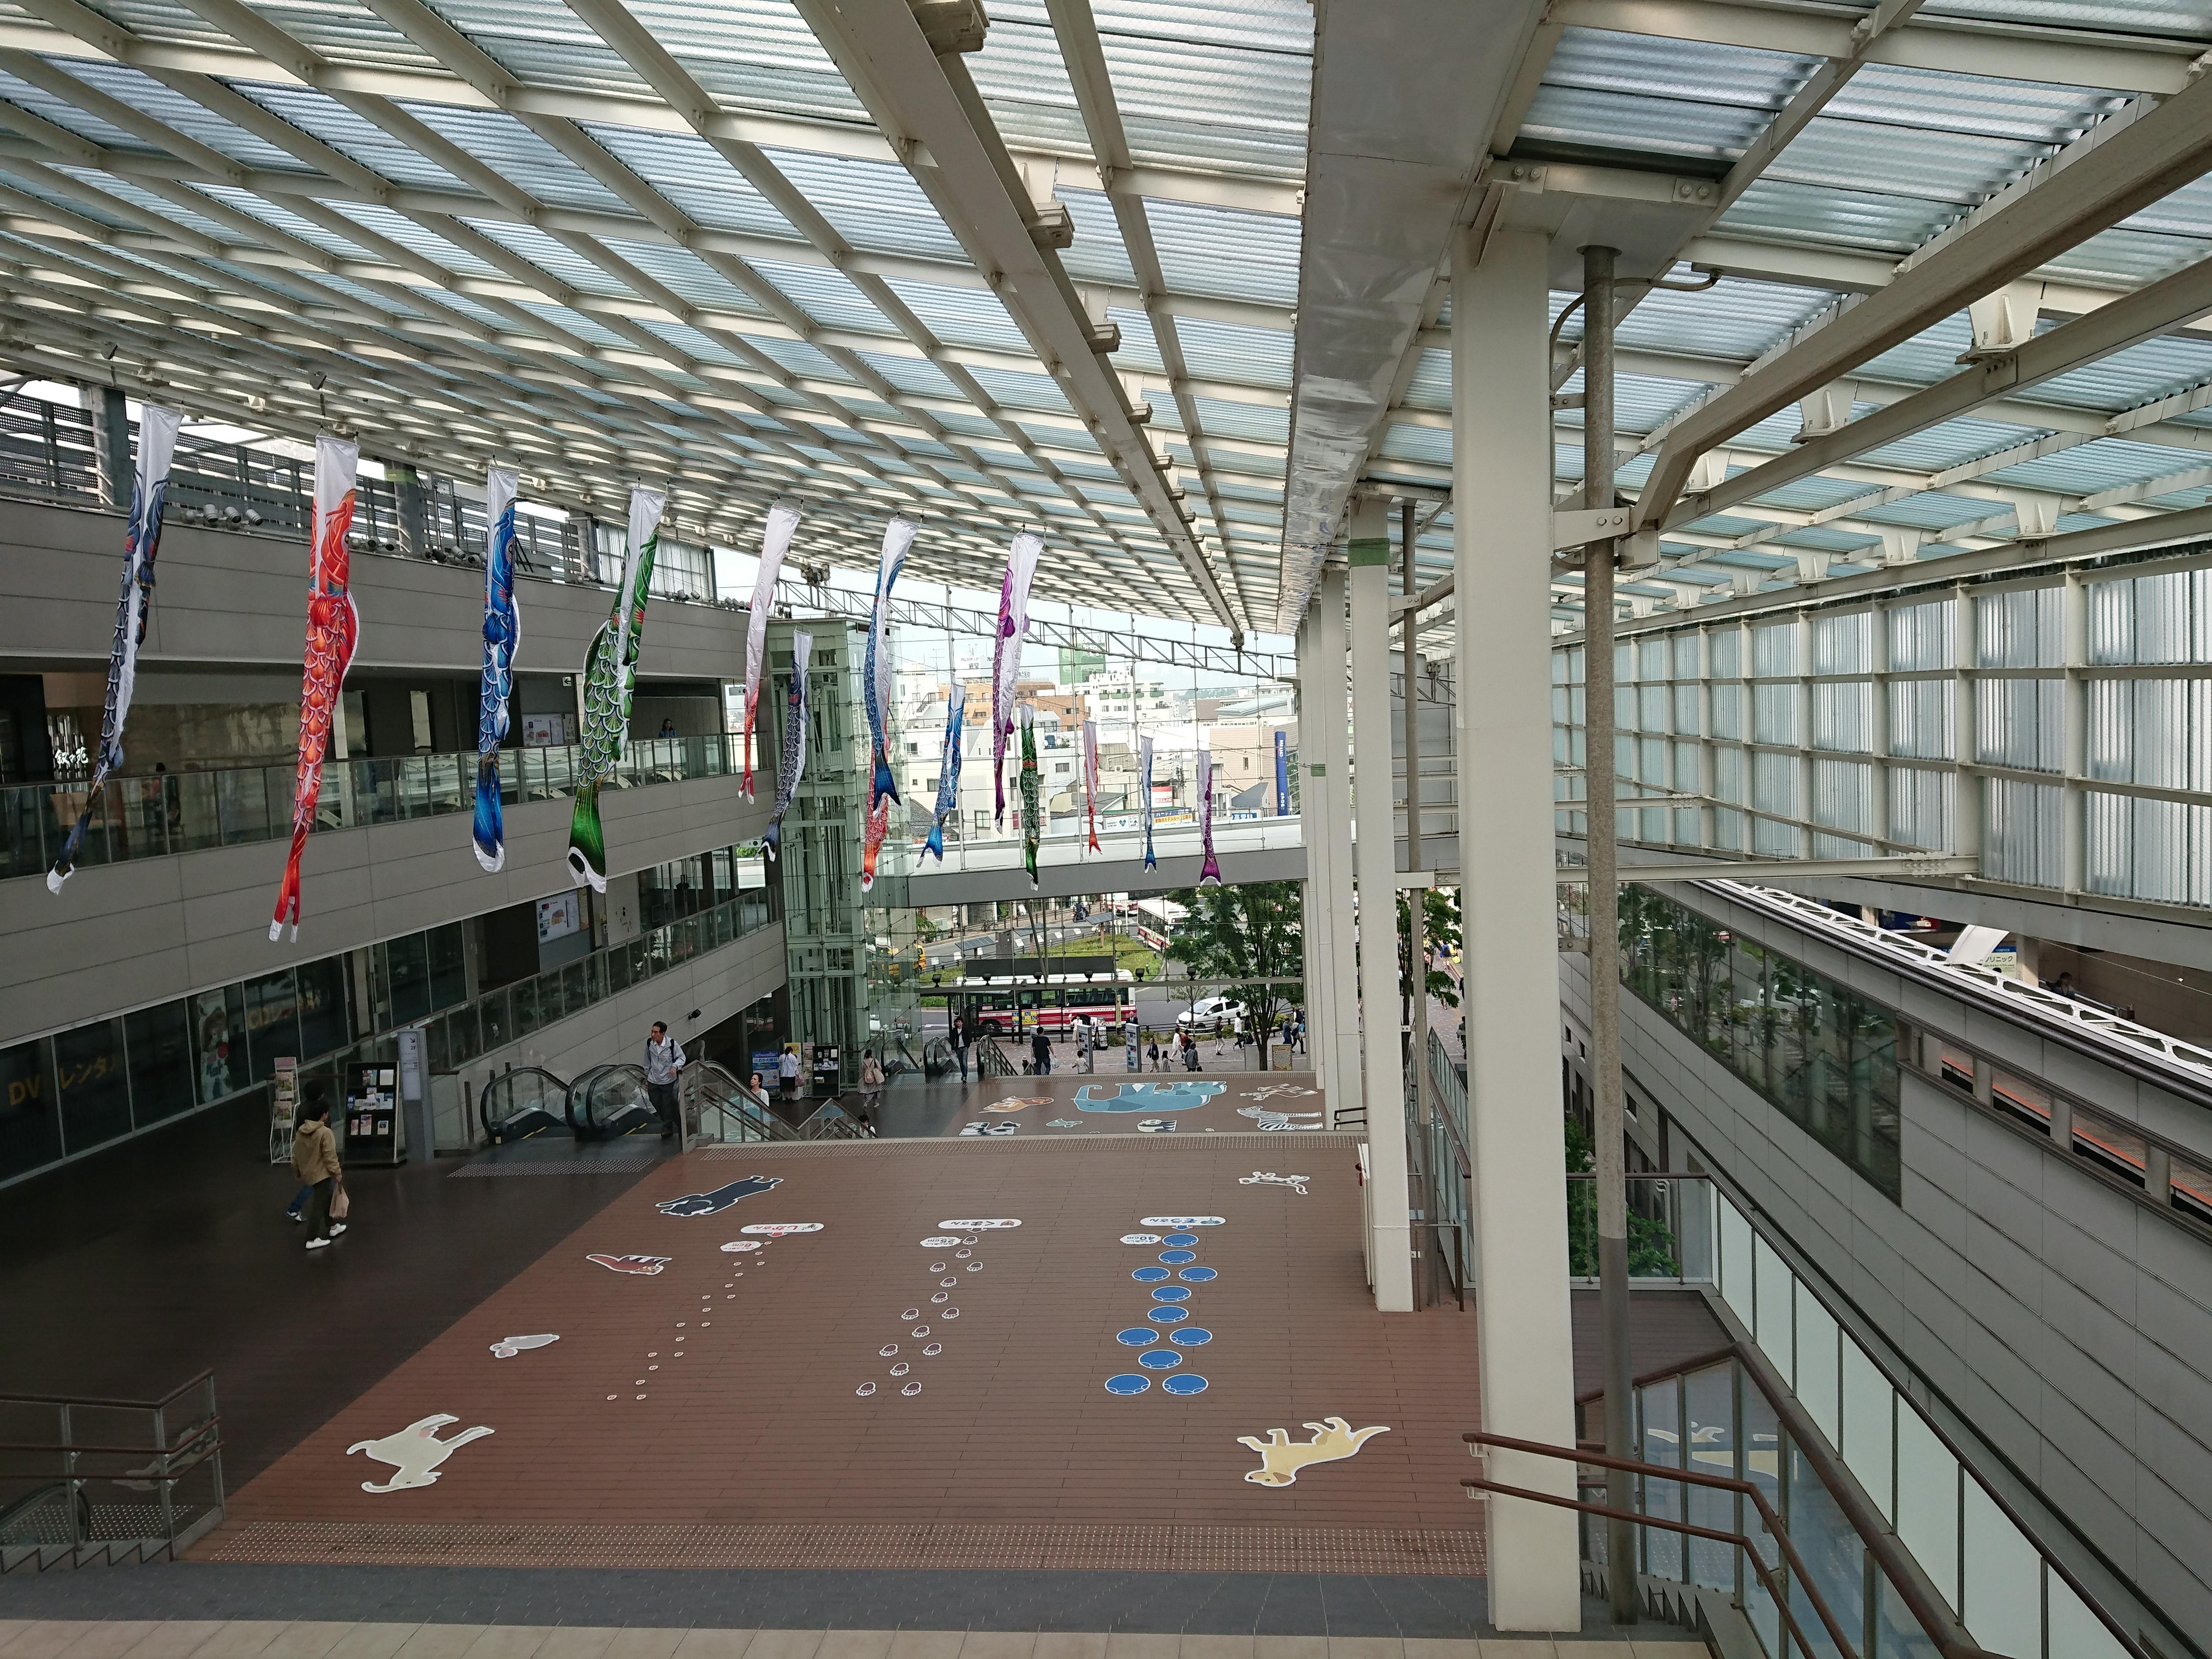 小田急線経堂駅に隣接するショッピングモールの階段。周辺部が暗くなったり、乱れたりすることなく、写真を撮ることができる。